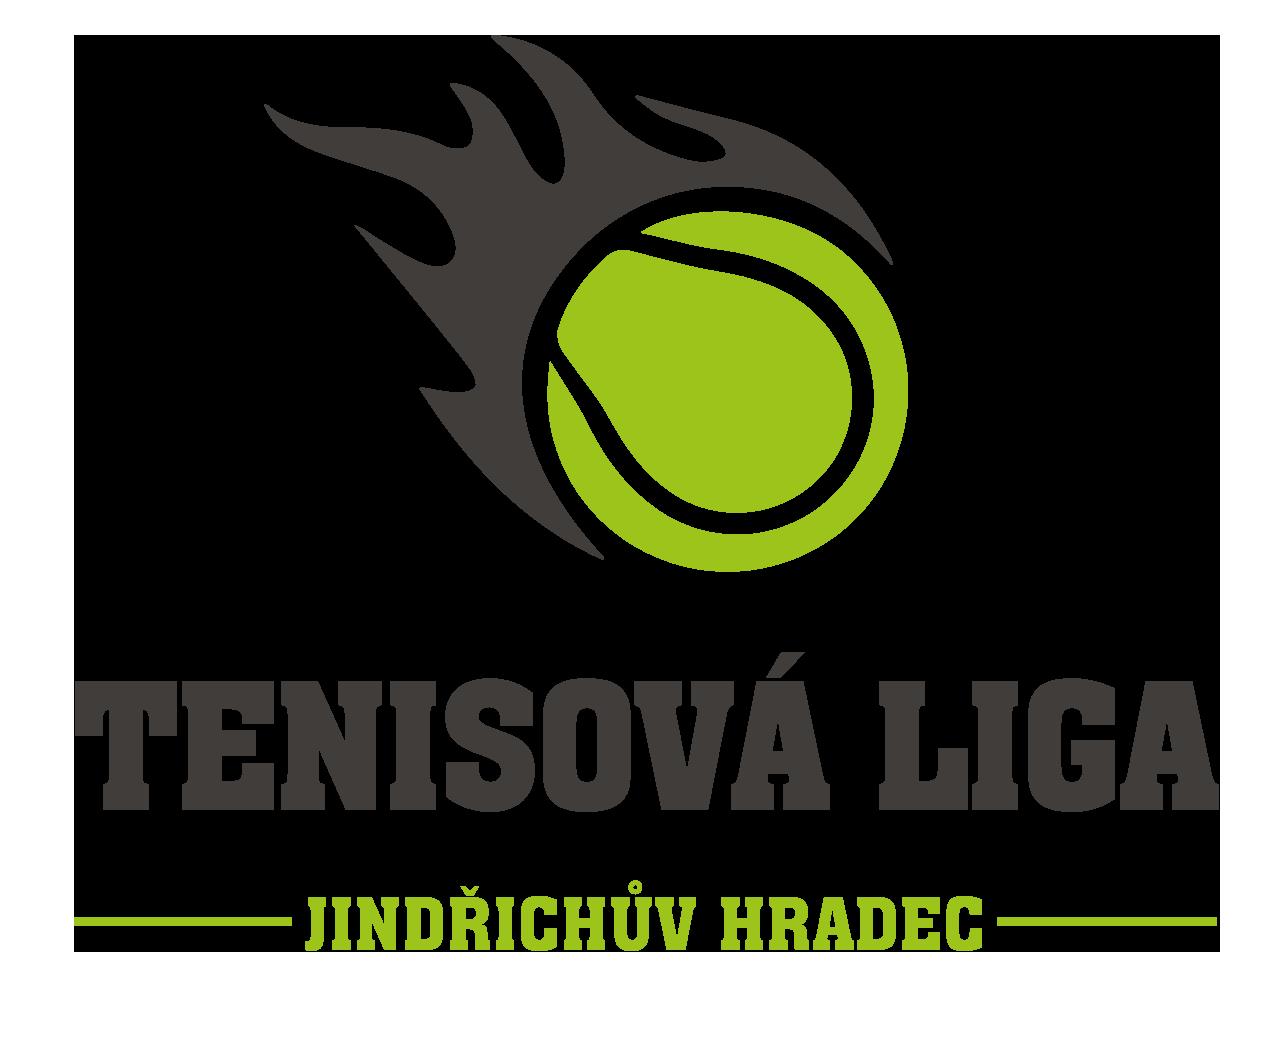 Tenisová liga Jindřichův Hradec